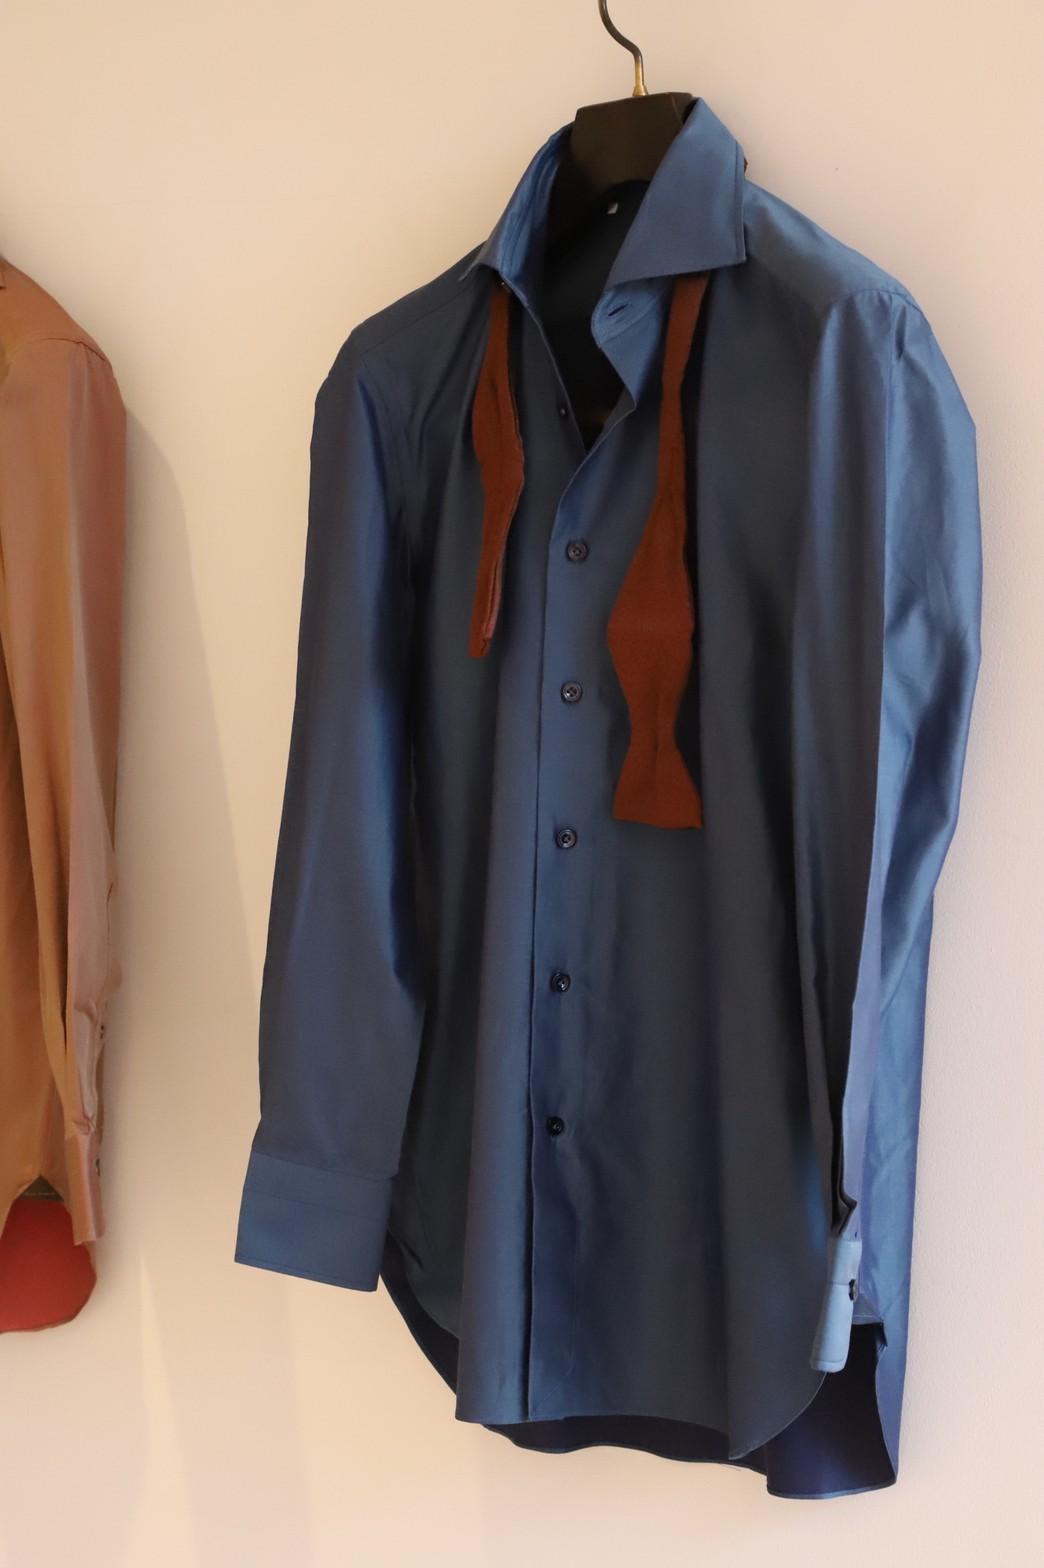 THE TREAT DRESSING京都店がご紹介するご新郎様におすすめのネイビーのシャツです。